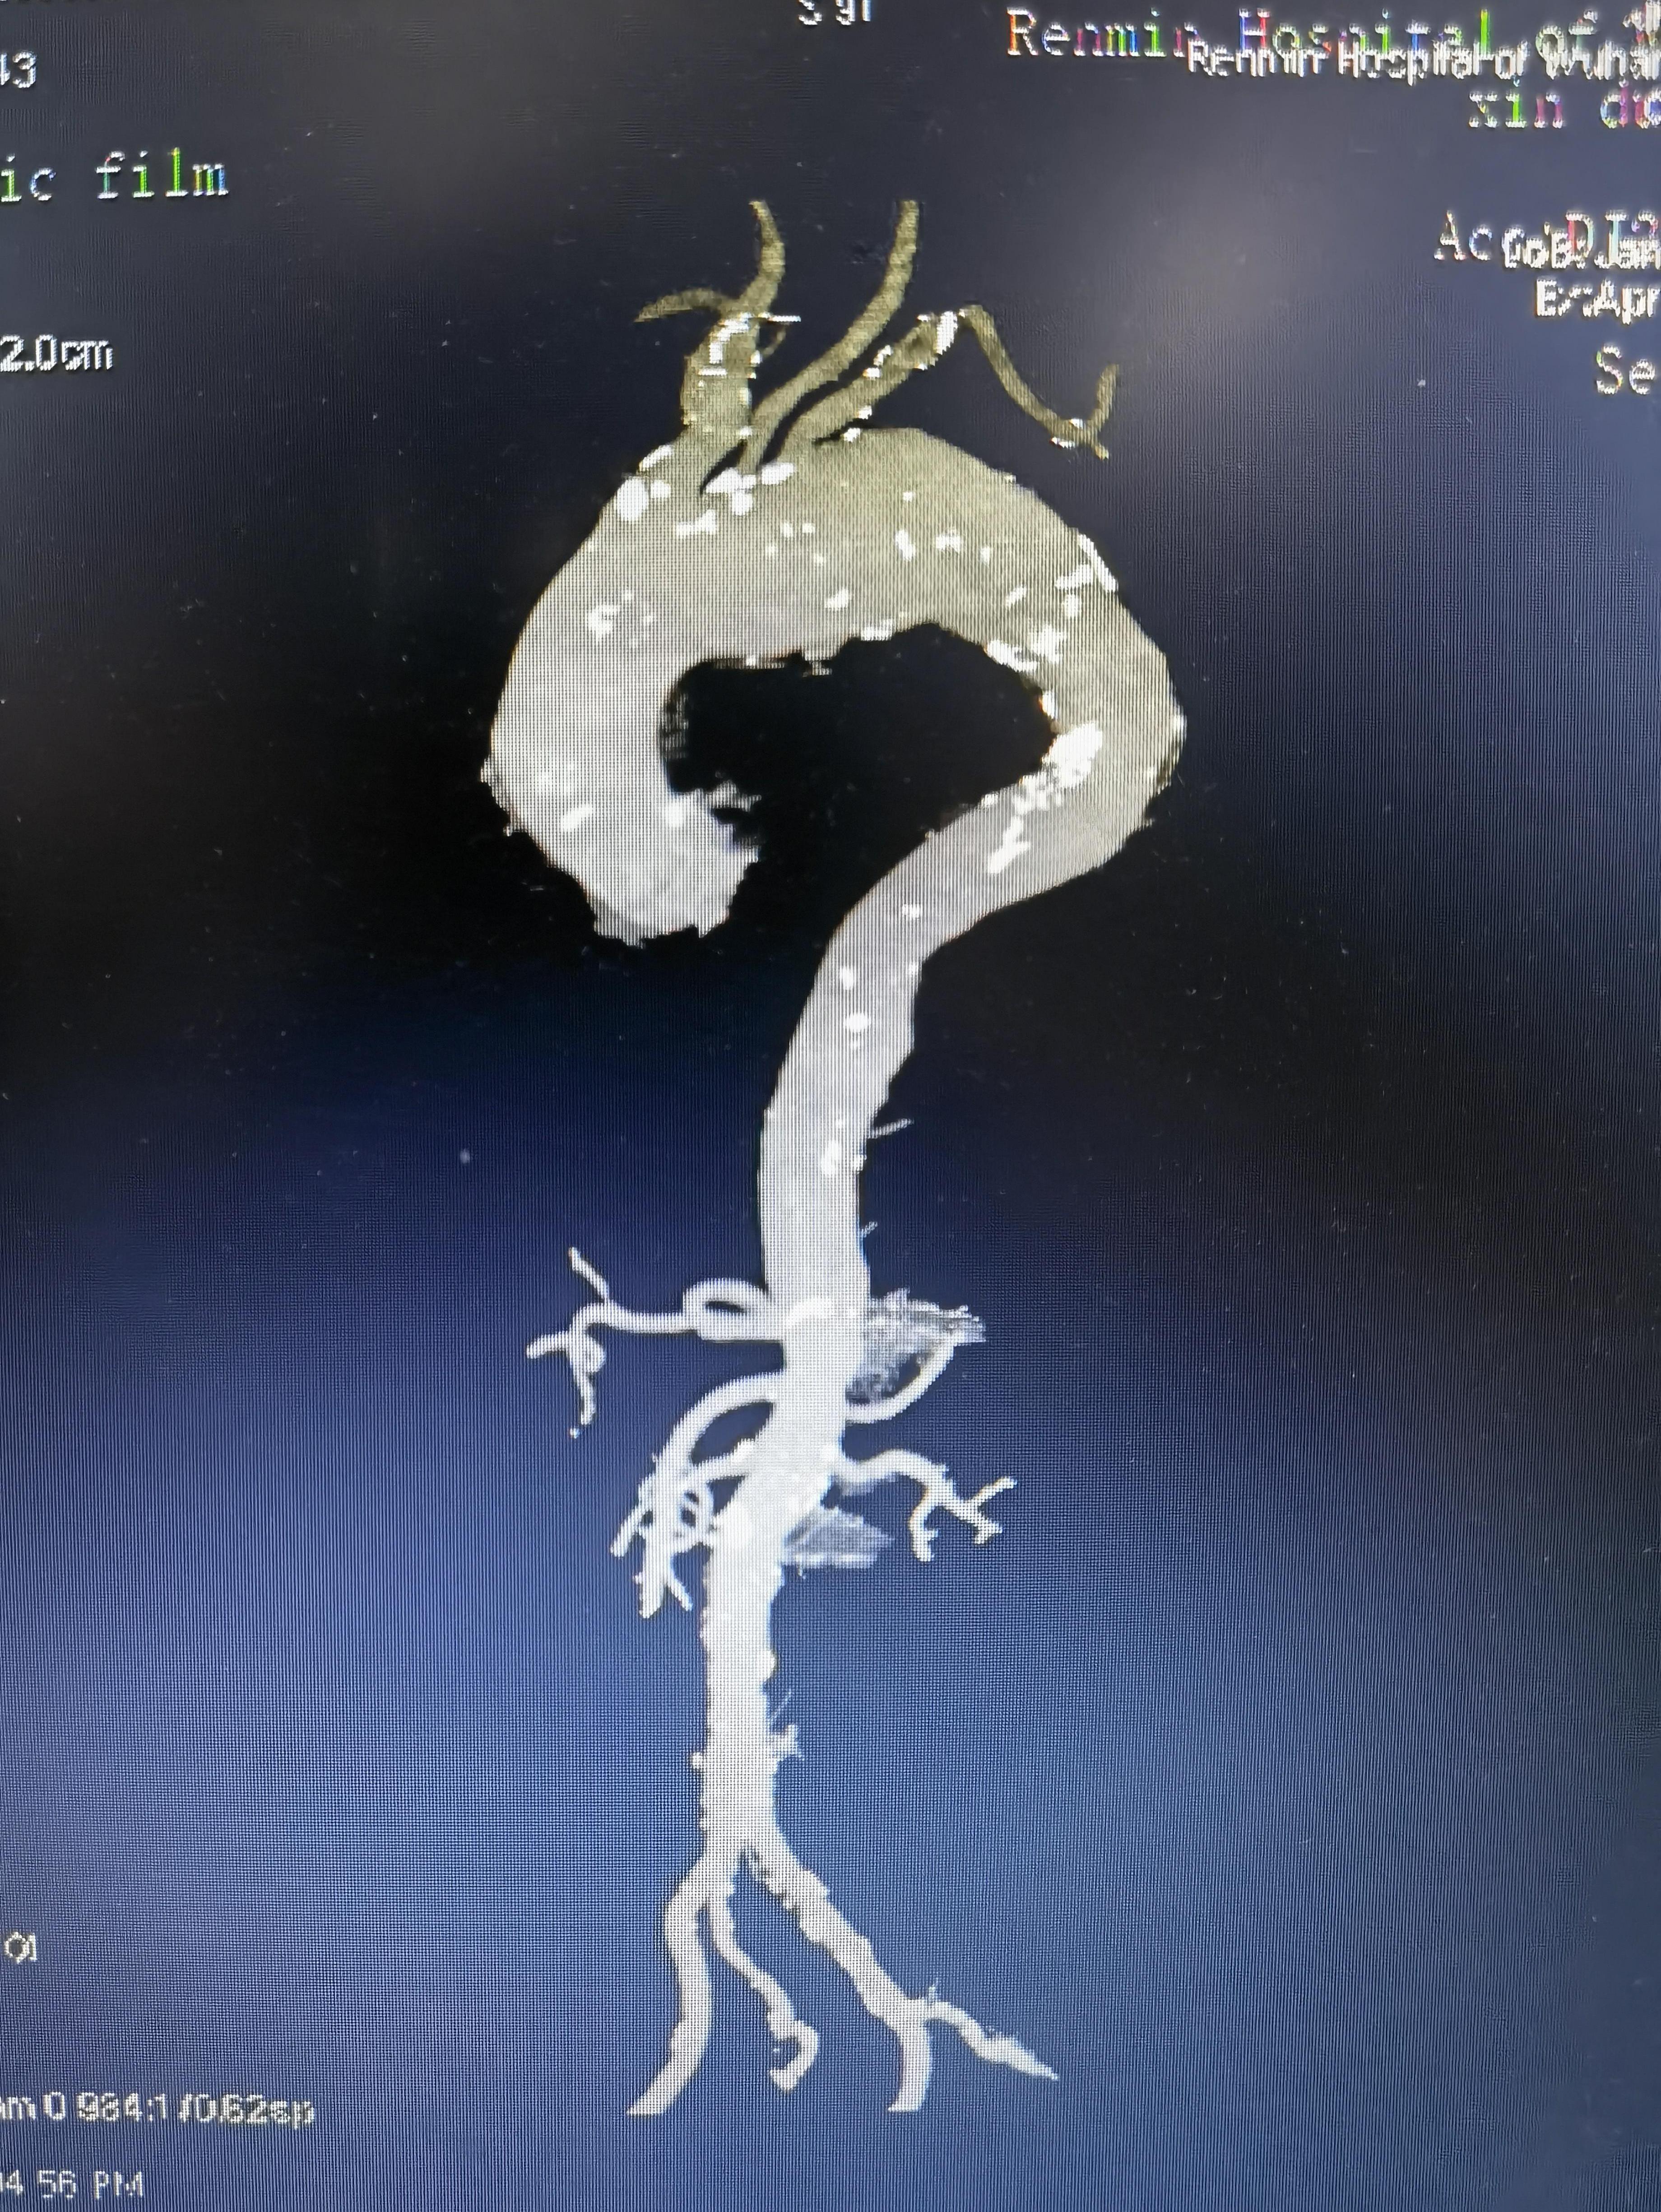 武汉大学人民医院应用体外 3D 模型重建人体最大血管降服主动脉瘤